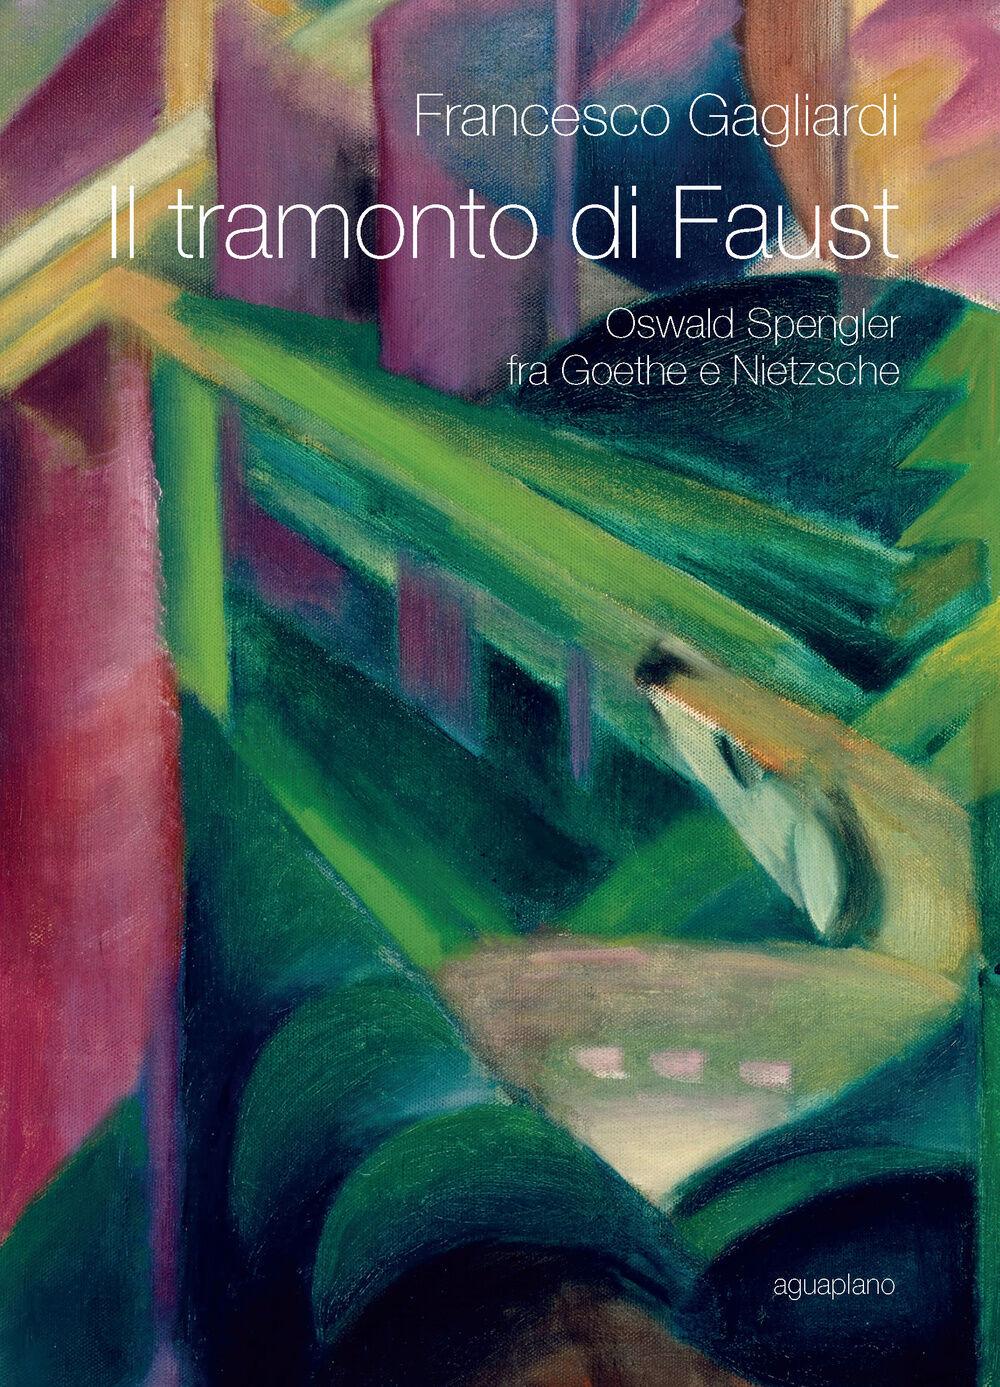 Il tramonto di Faust. Oswald Spengler tra Goethe e Nietzsche